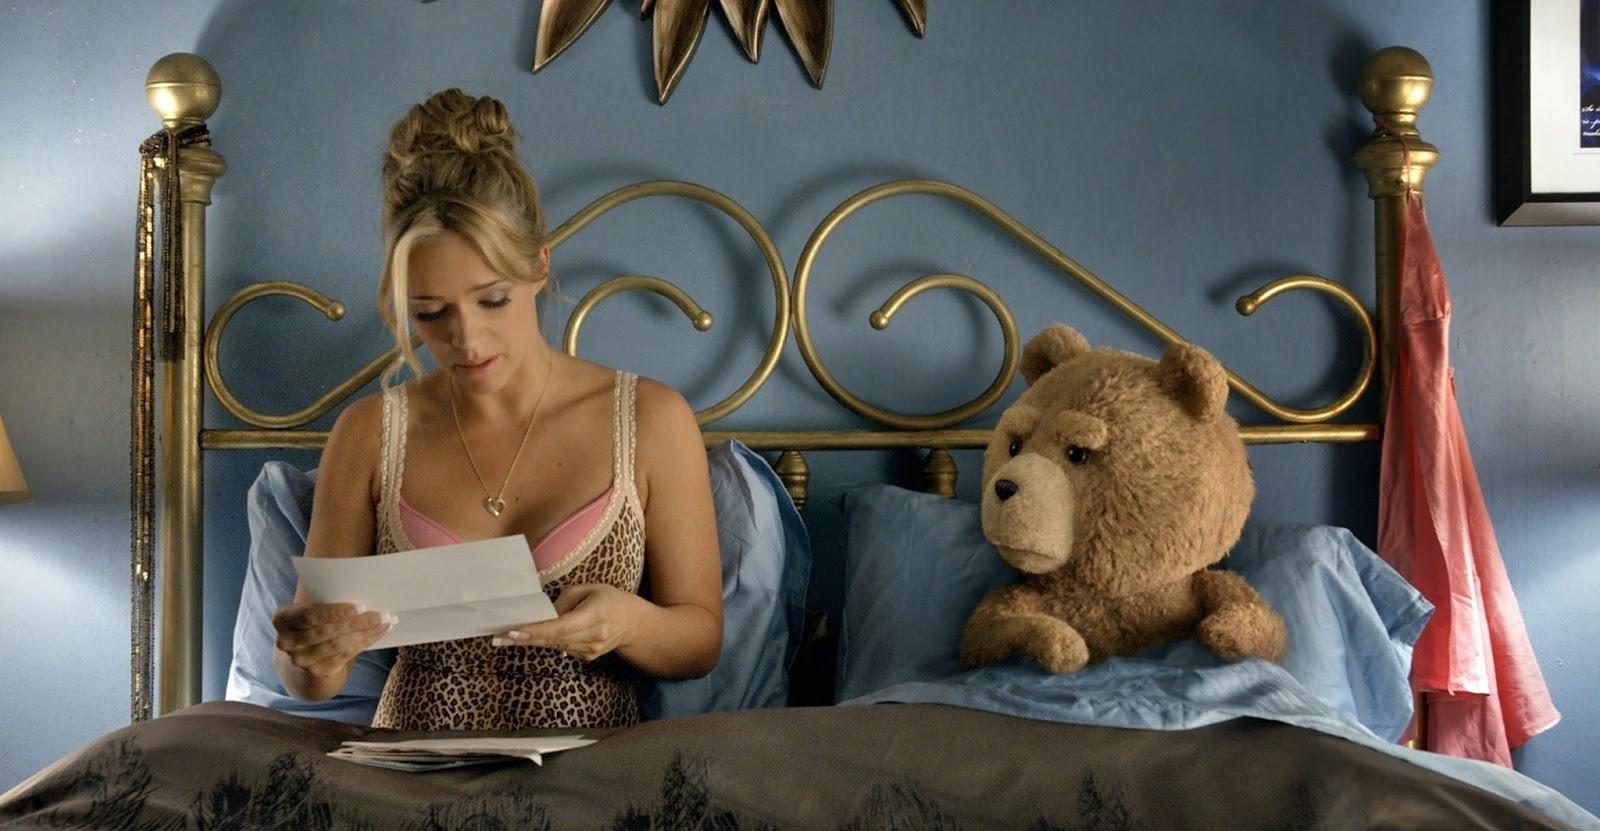 Assista ao hilário segundo trailer de TED 2, com Mark Wahlberg e Amanda Seyfried